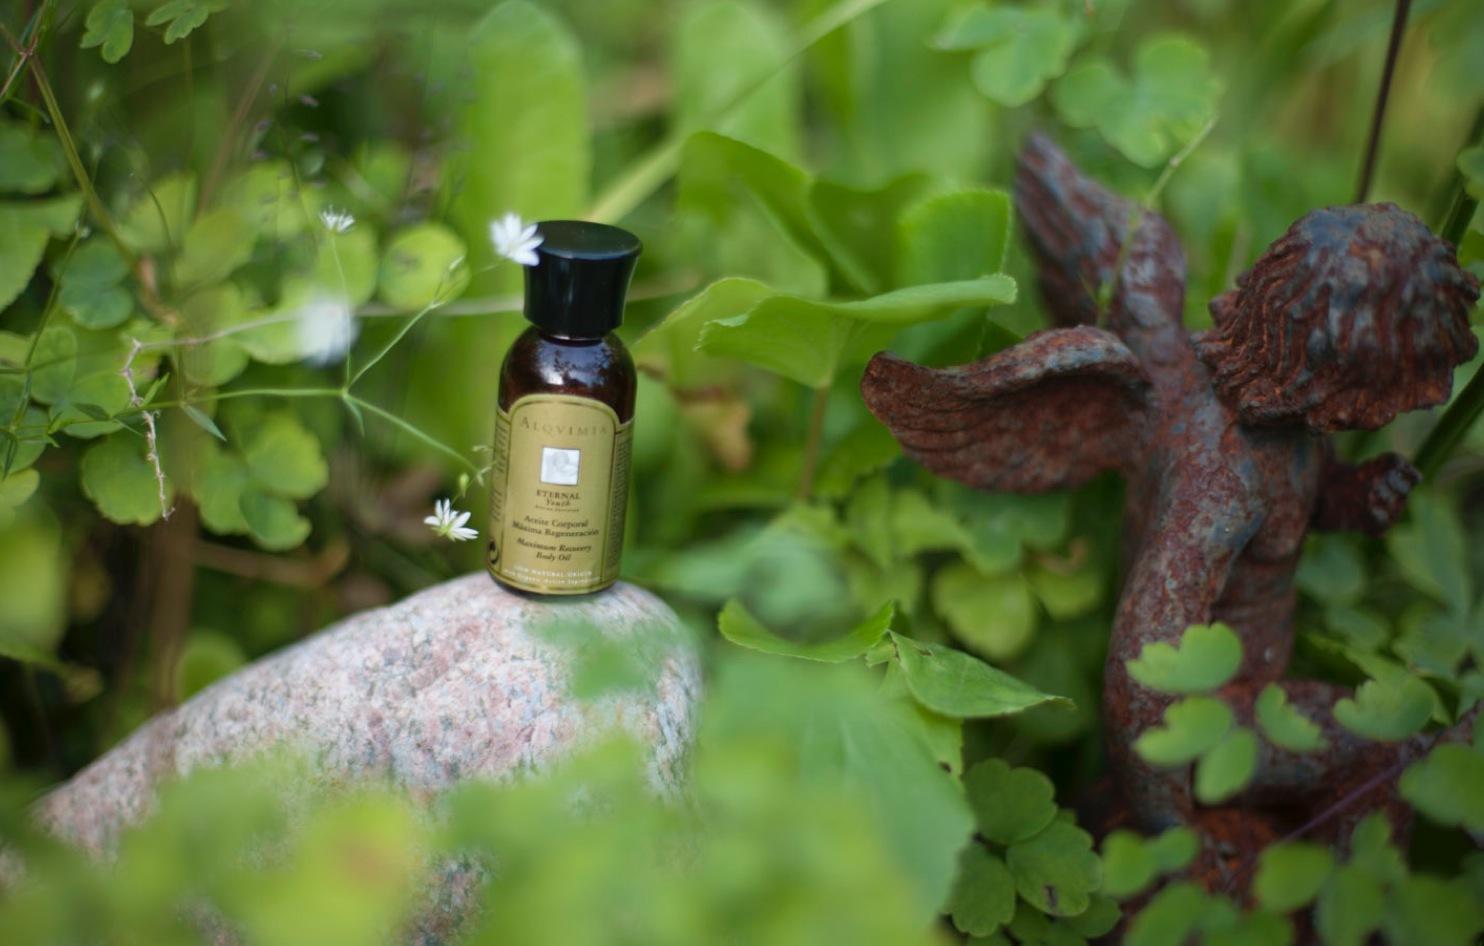 Alqvima betyder alkemi på spanska och de ekologiska spaoljorna från märket är väldigt potenta